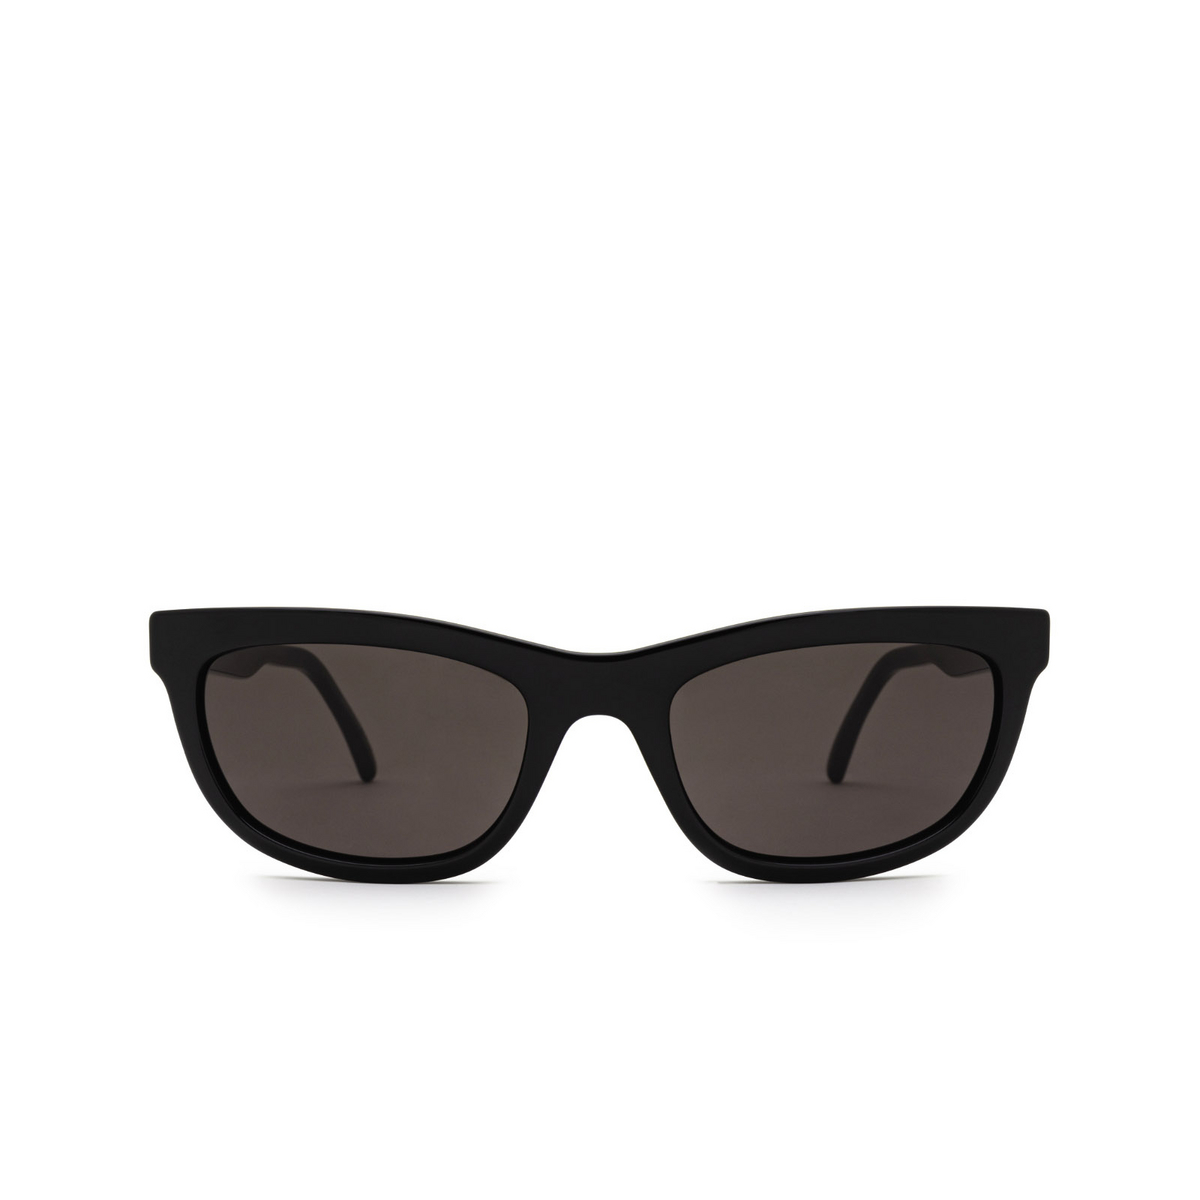 Saint Laurent® Cat-eye Sunglasses: SL 493 color Black 001 - front view.